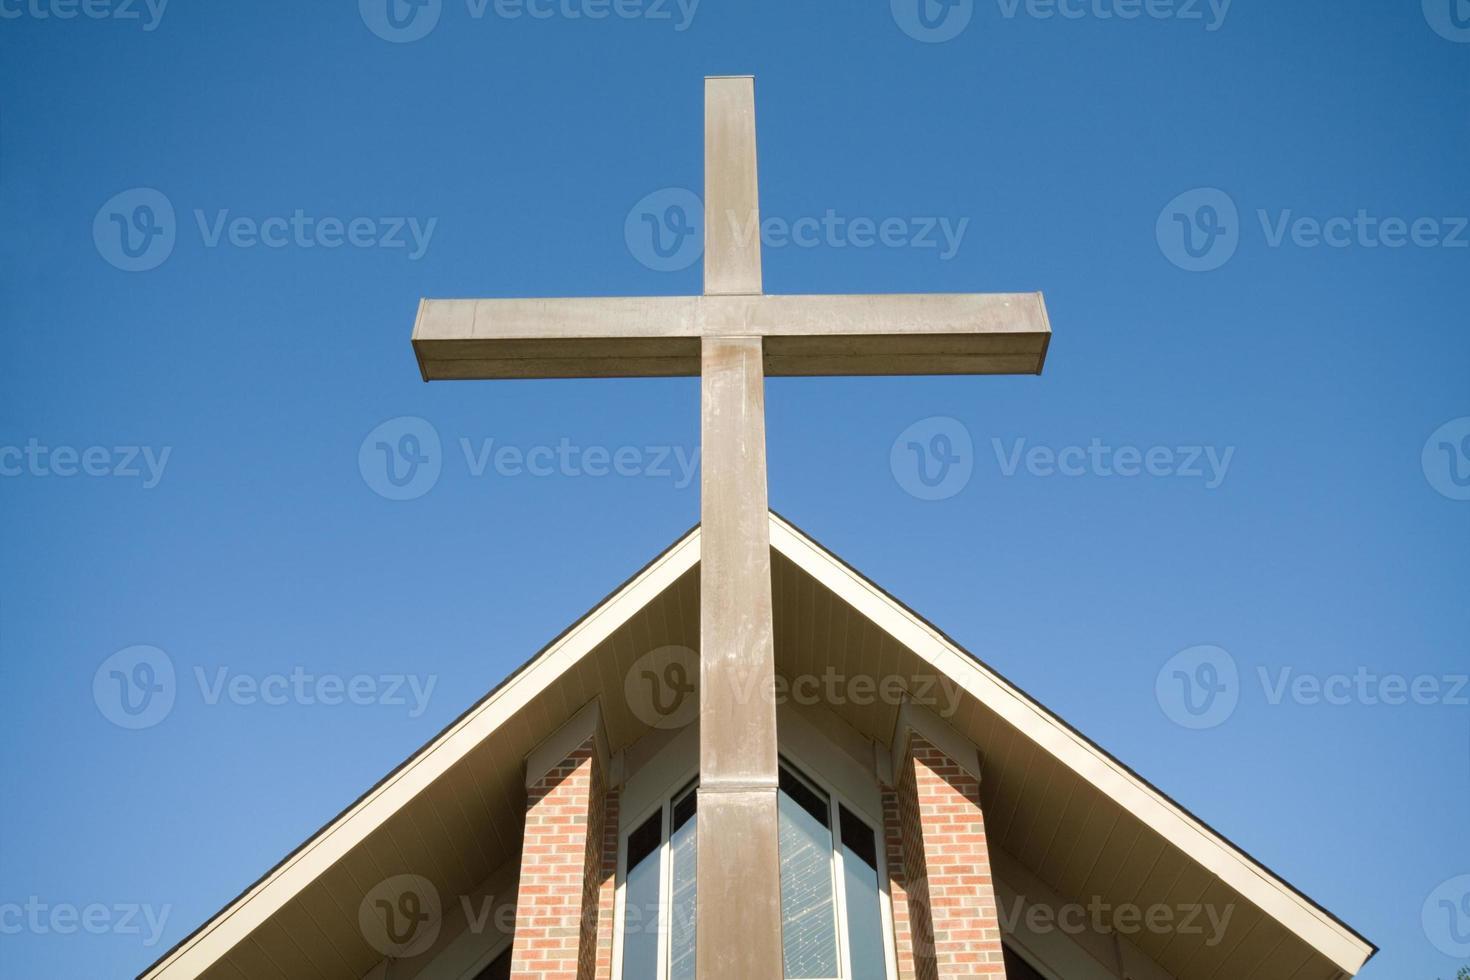 Traverser devant le toit de l'église ciel bleu photo